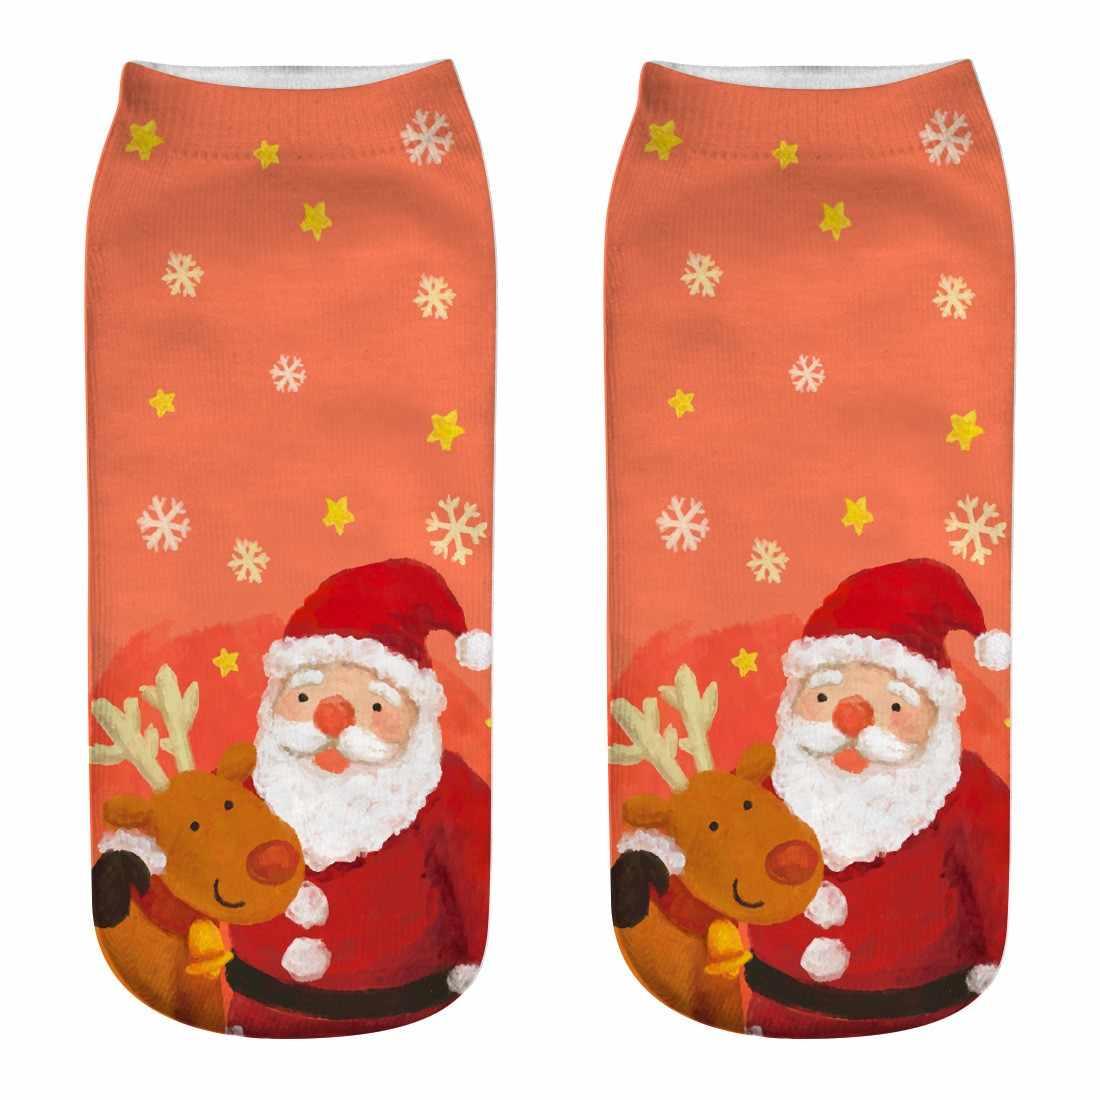 חג המולד 3D Creative הדפסת גרביים חמוד חם קלאסי אופנה מזדמן ספורט כותנה גרבי סתיו וחורף אישיות רך